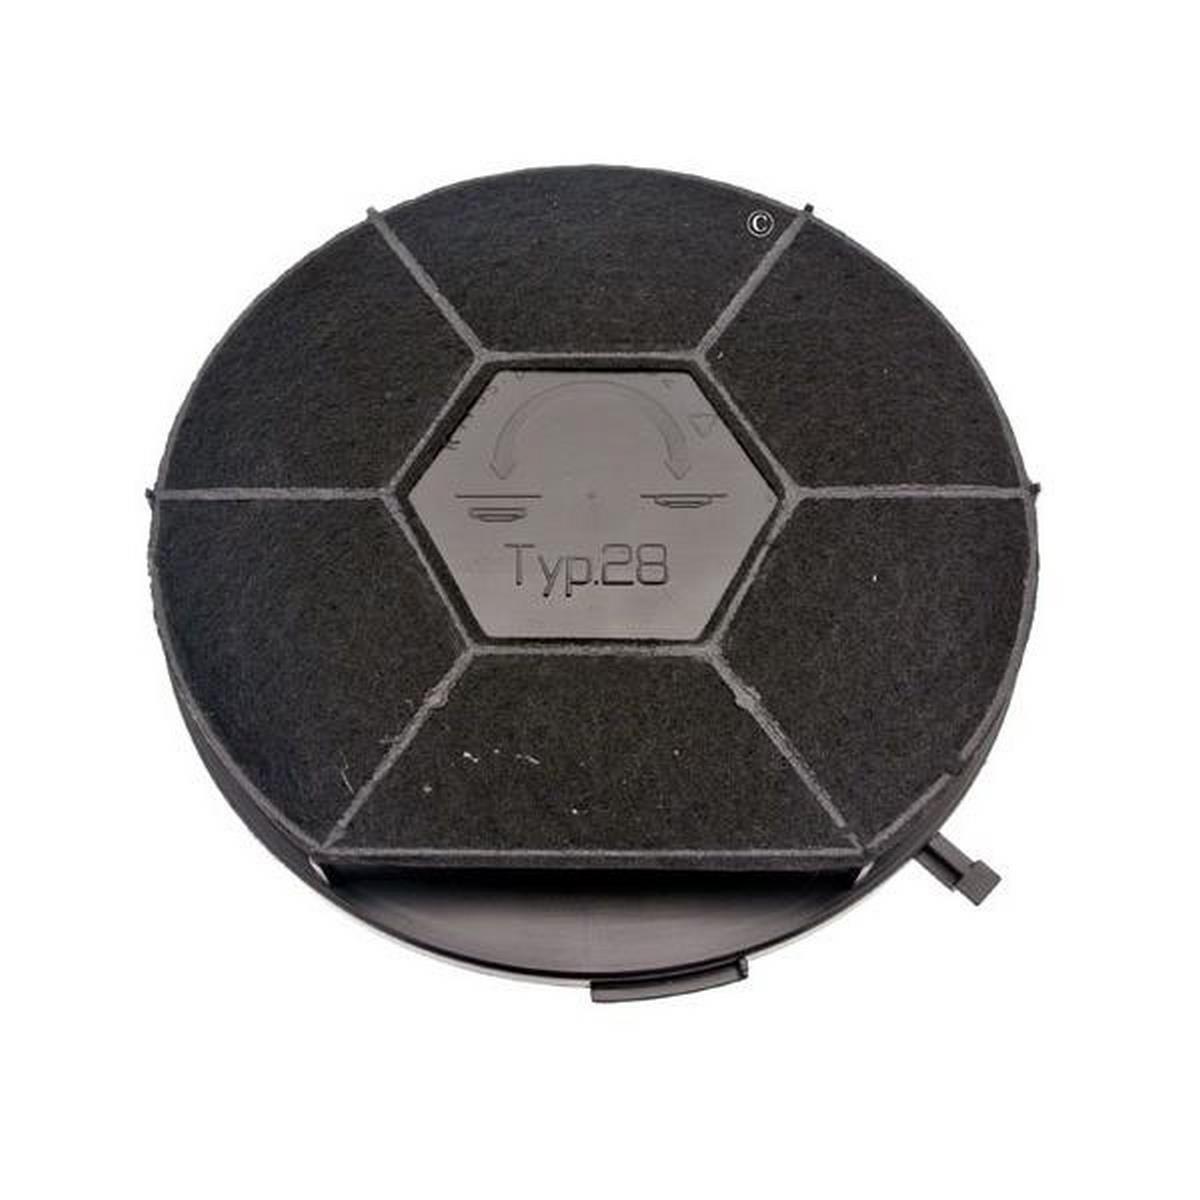 Filtro carbón redondo tipo 28 chf28/1 (a la Unite) - Campana ...